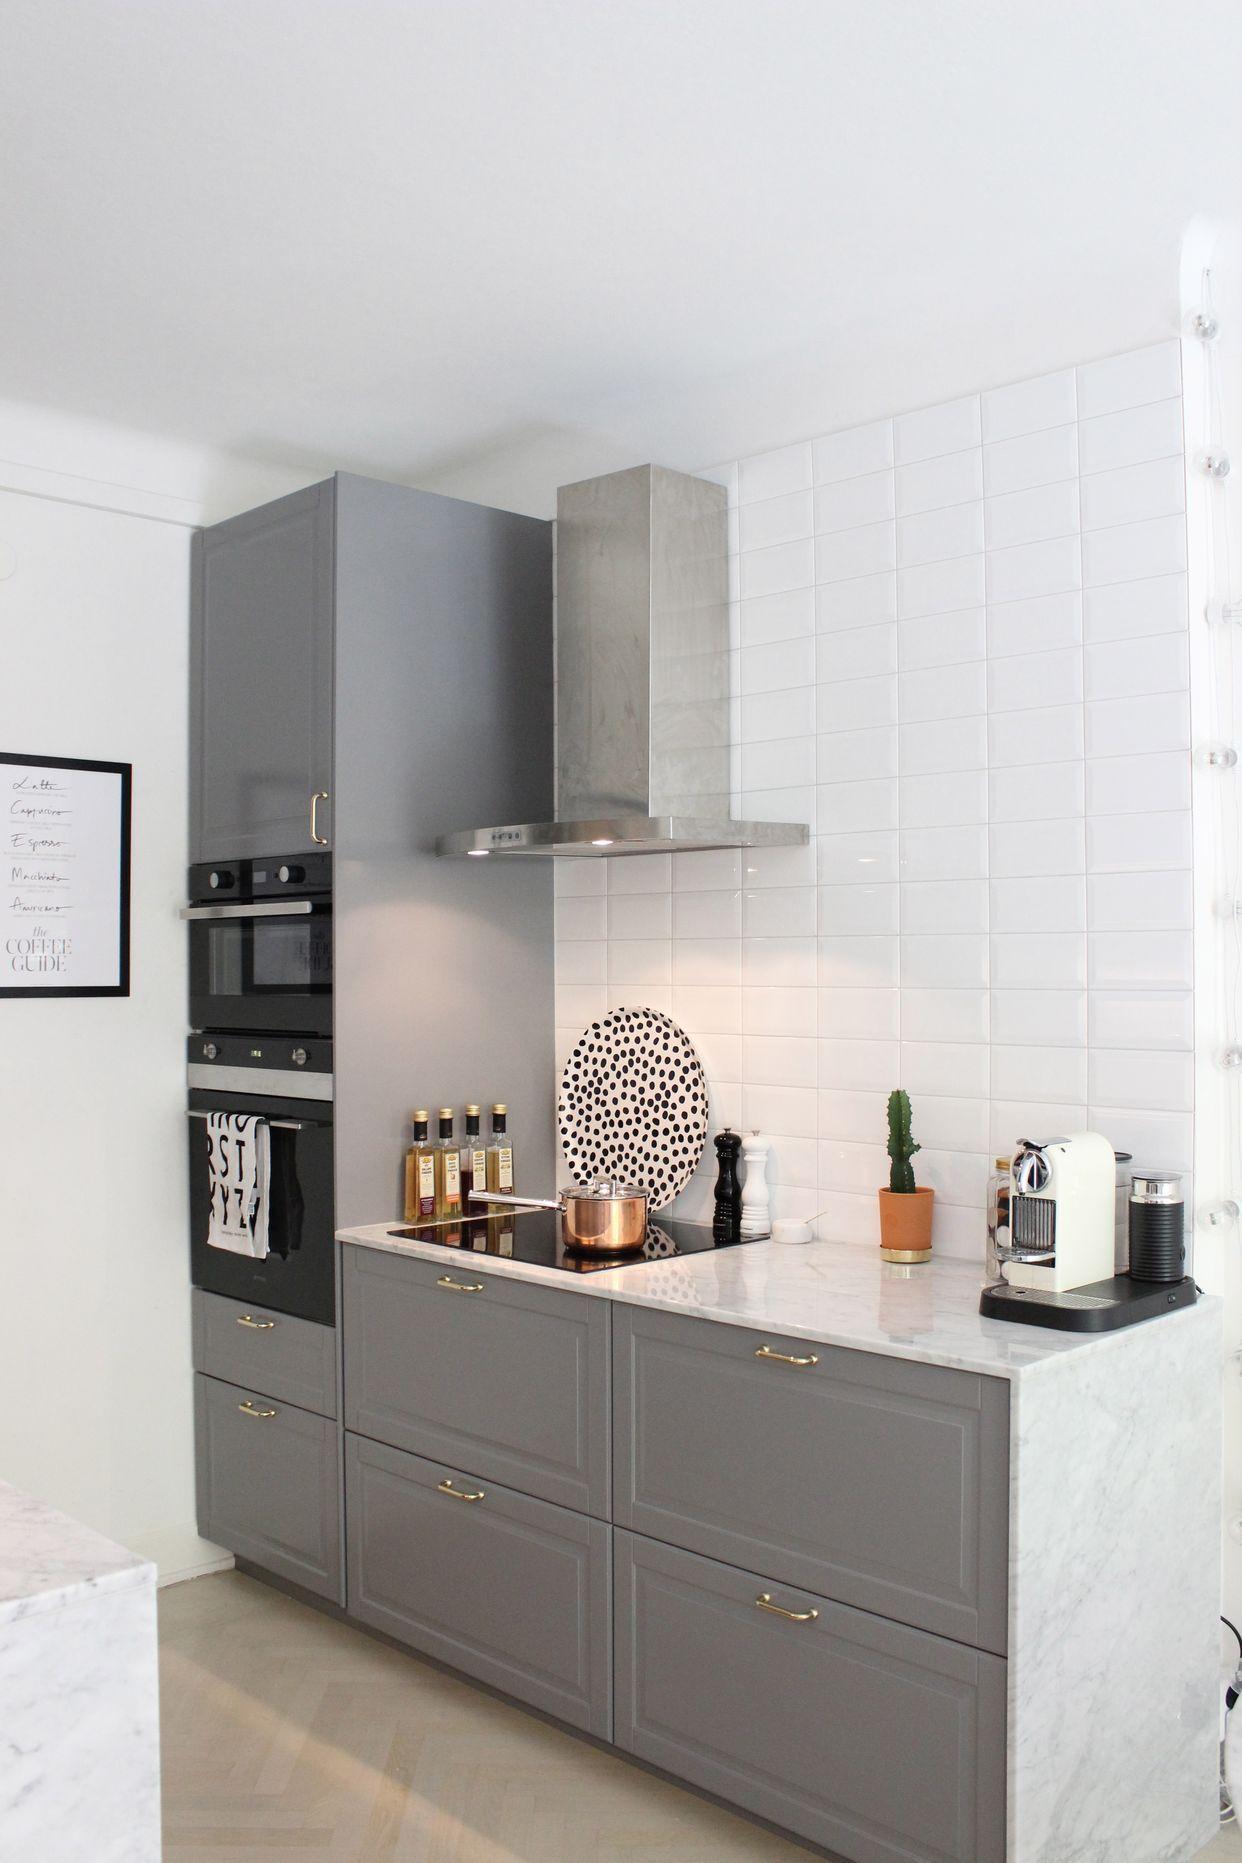 Our Kitchen (Emma Melin)   Farben, Küche und Küchen ideen